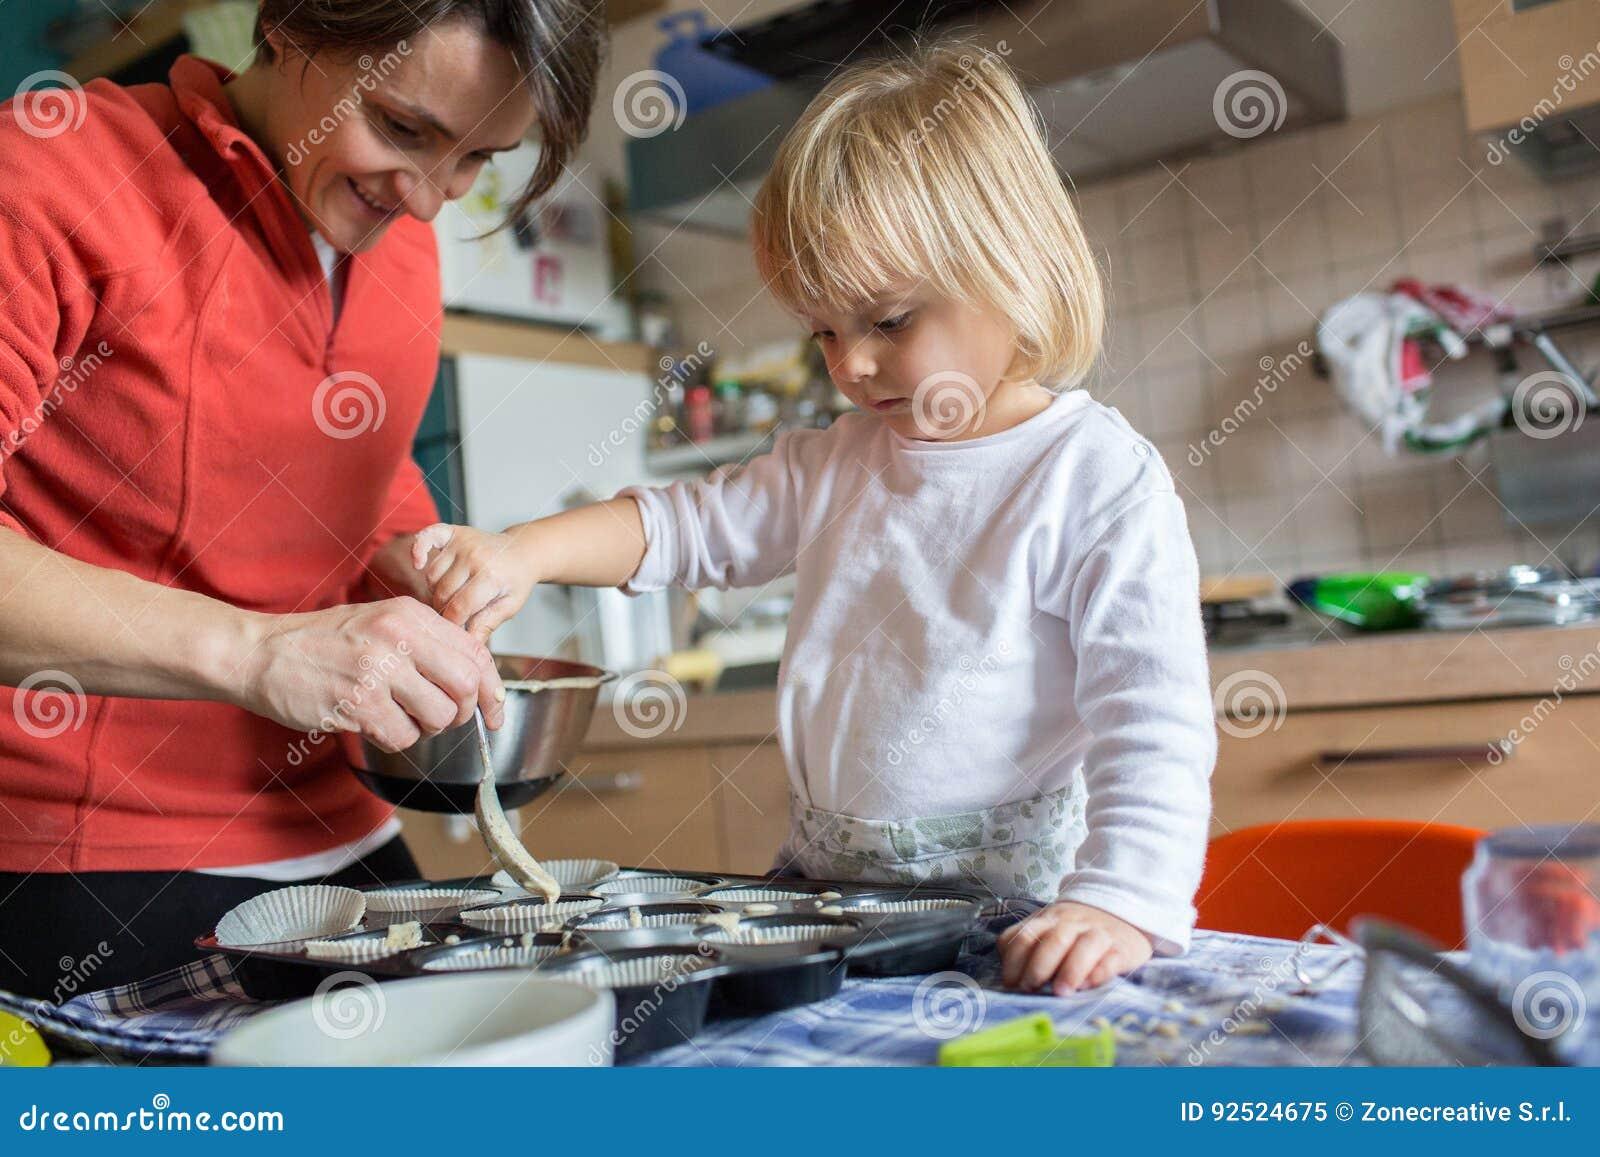 Aide de fille de b b faisant cuire avec sa maman dans la for Asticots dans la cuisine